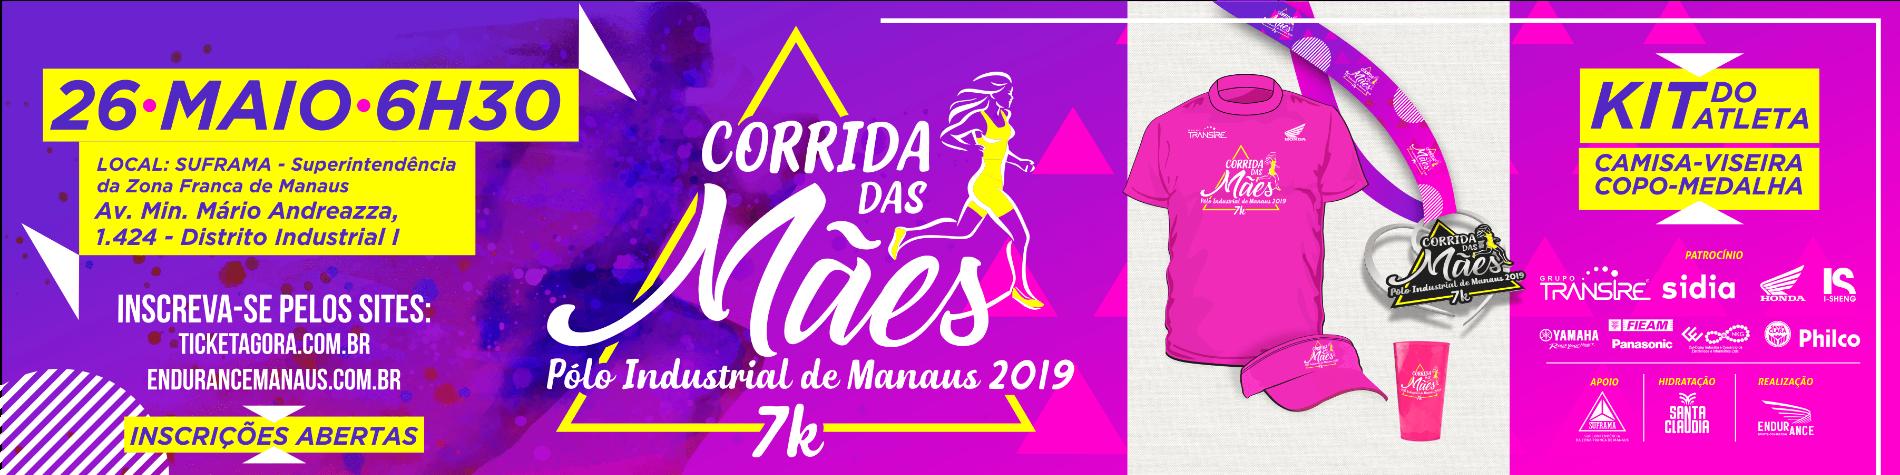 Corrida das Mães do Polo Industrial de Manaus - 2019